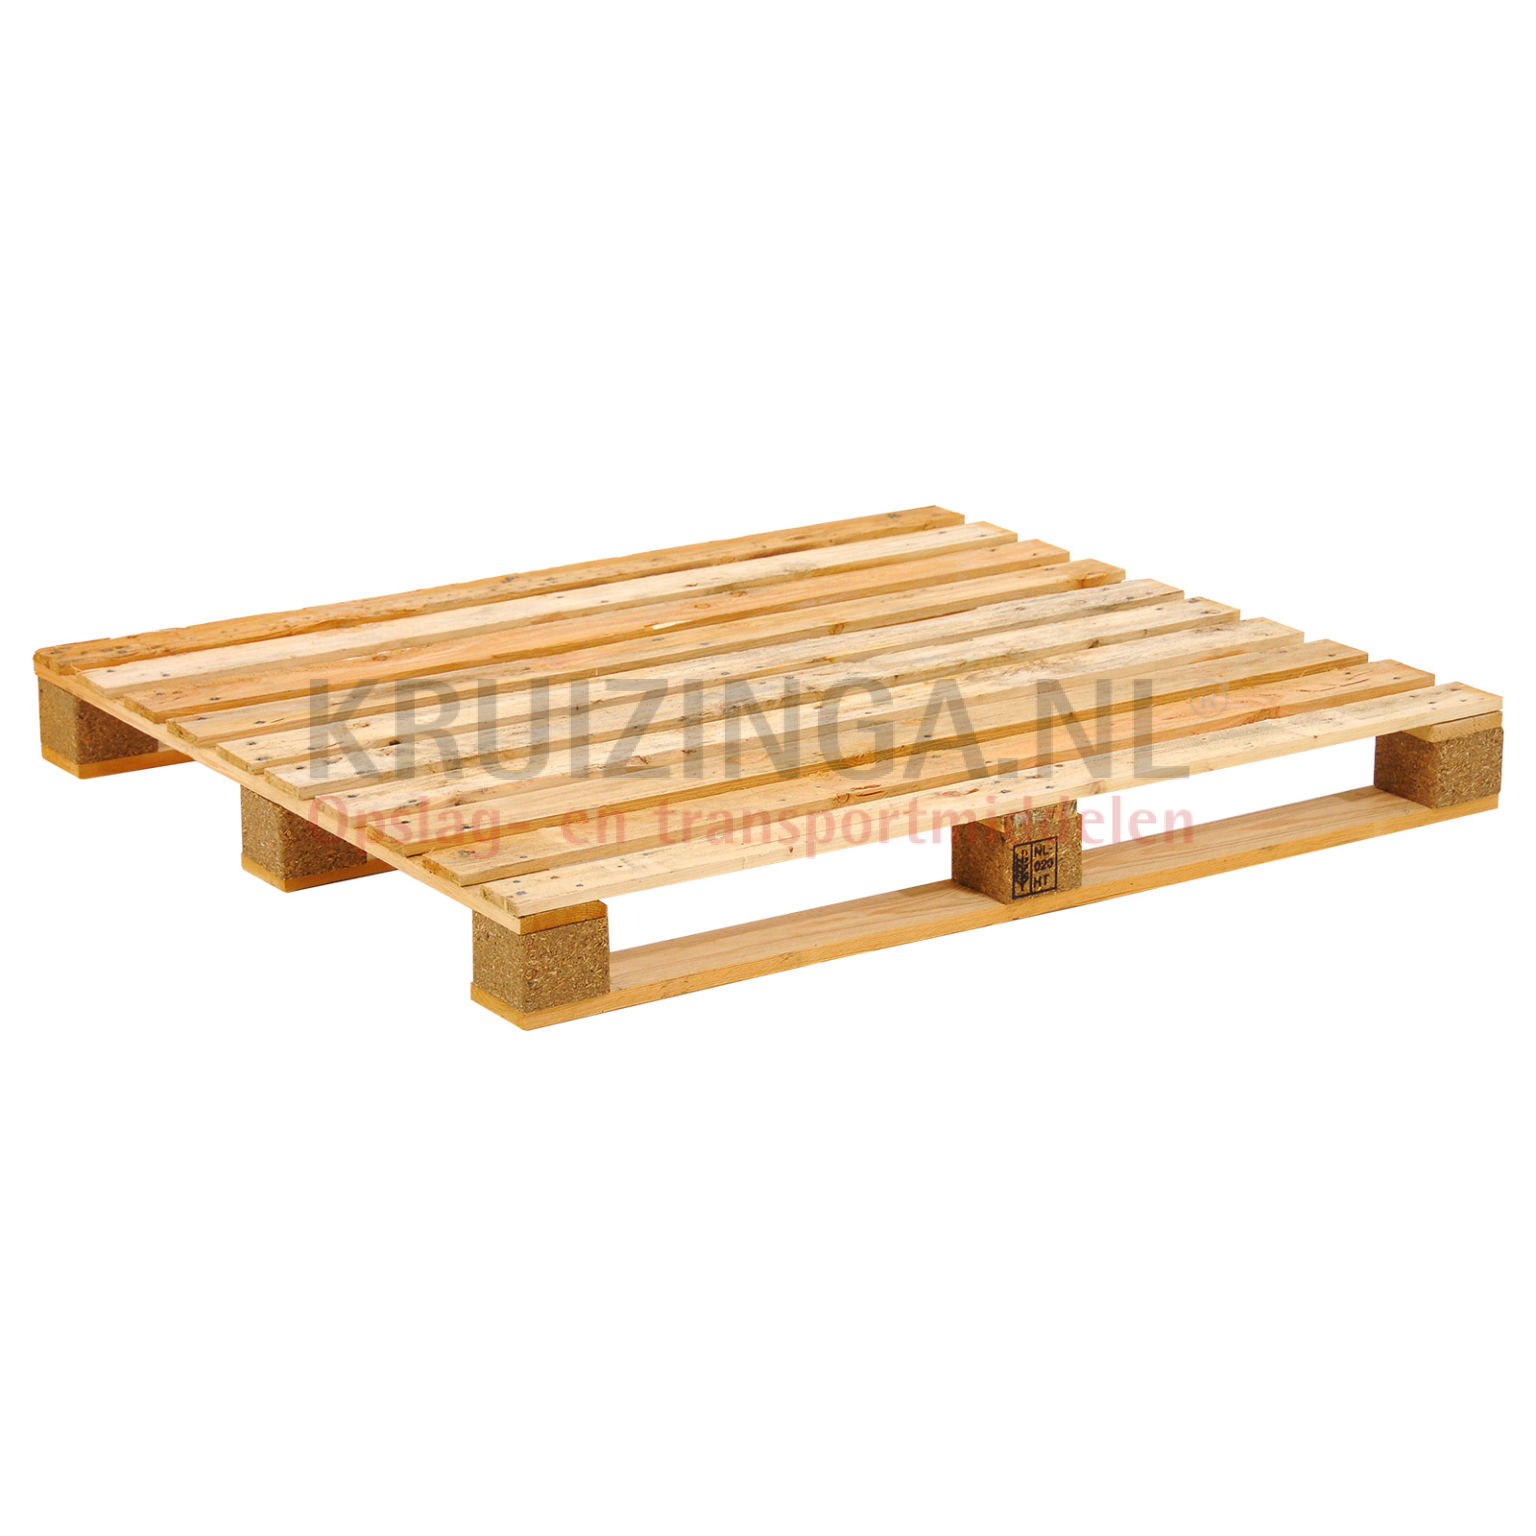 palette palette en bois 4 c t s partir de 18 65 frais de livraison inclus. Black Bedroom Furniture Sets. Home Design Ideas